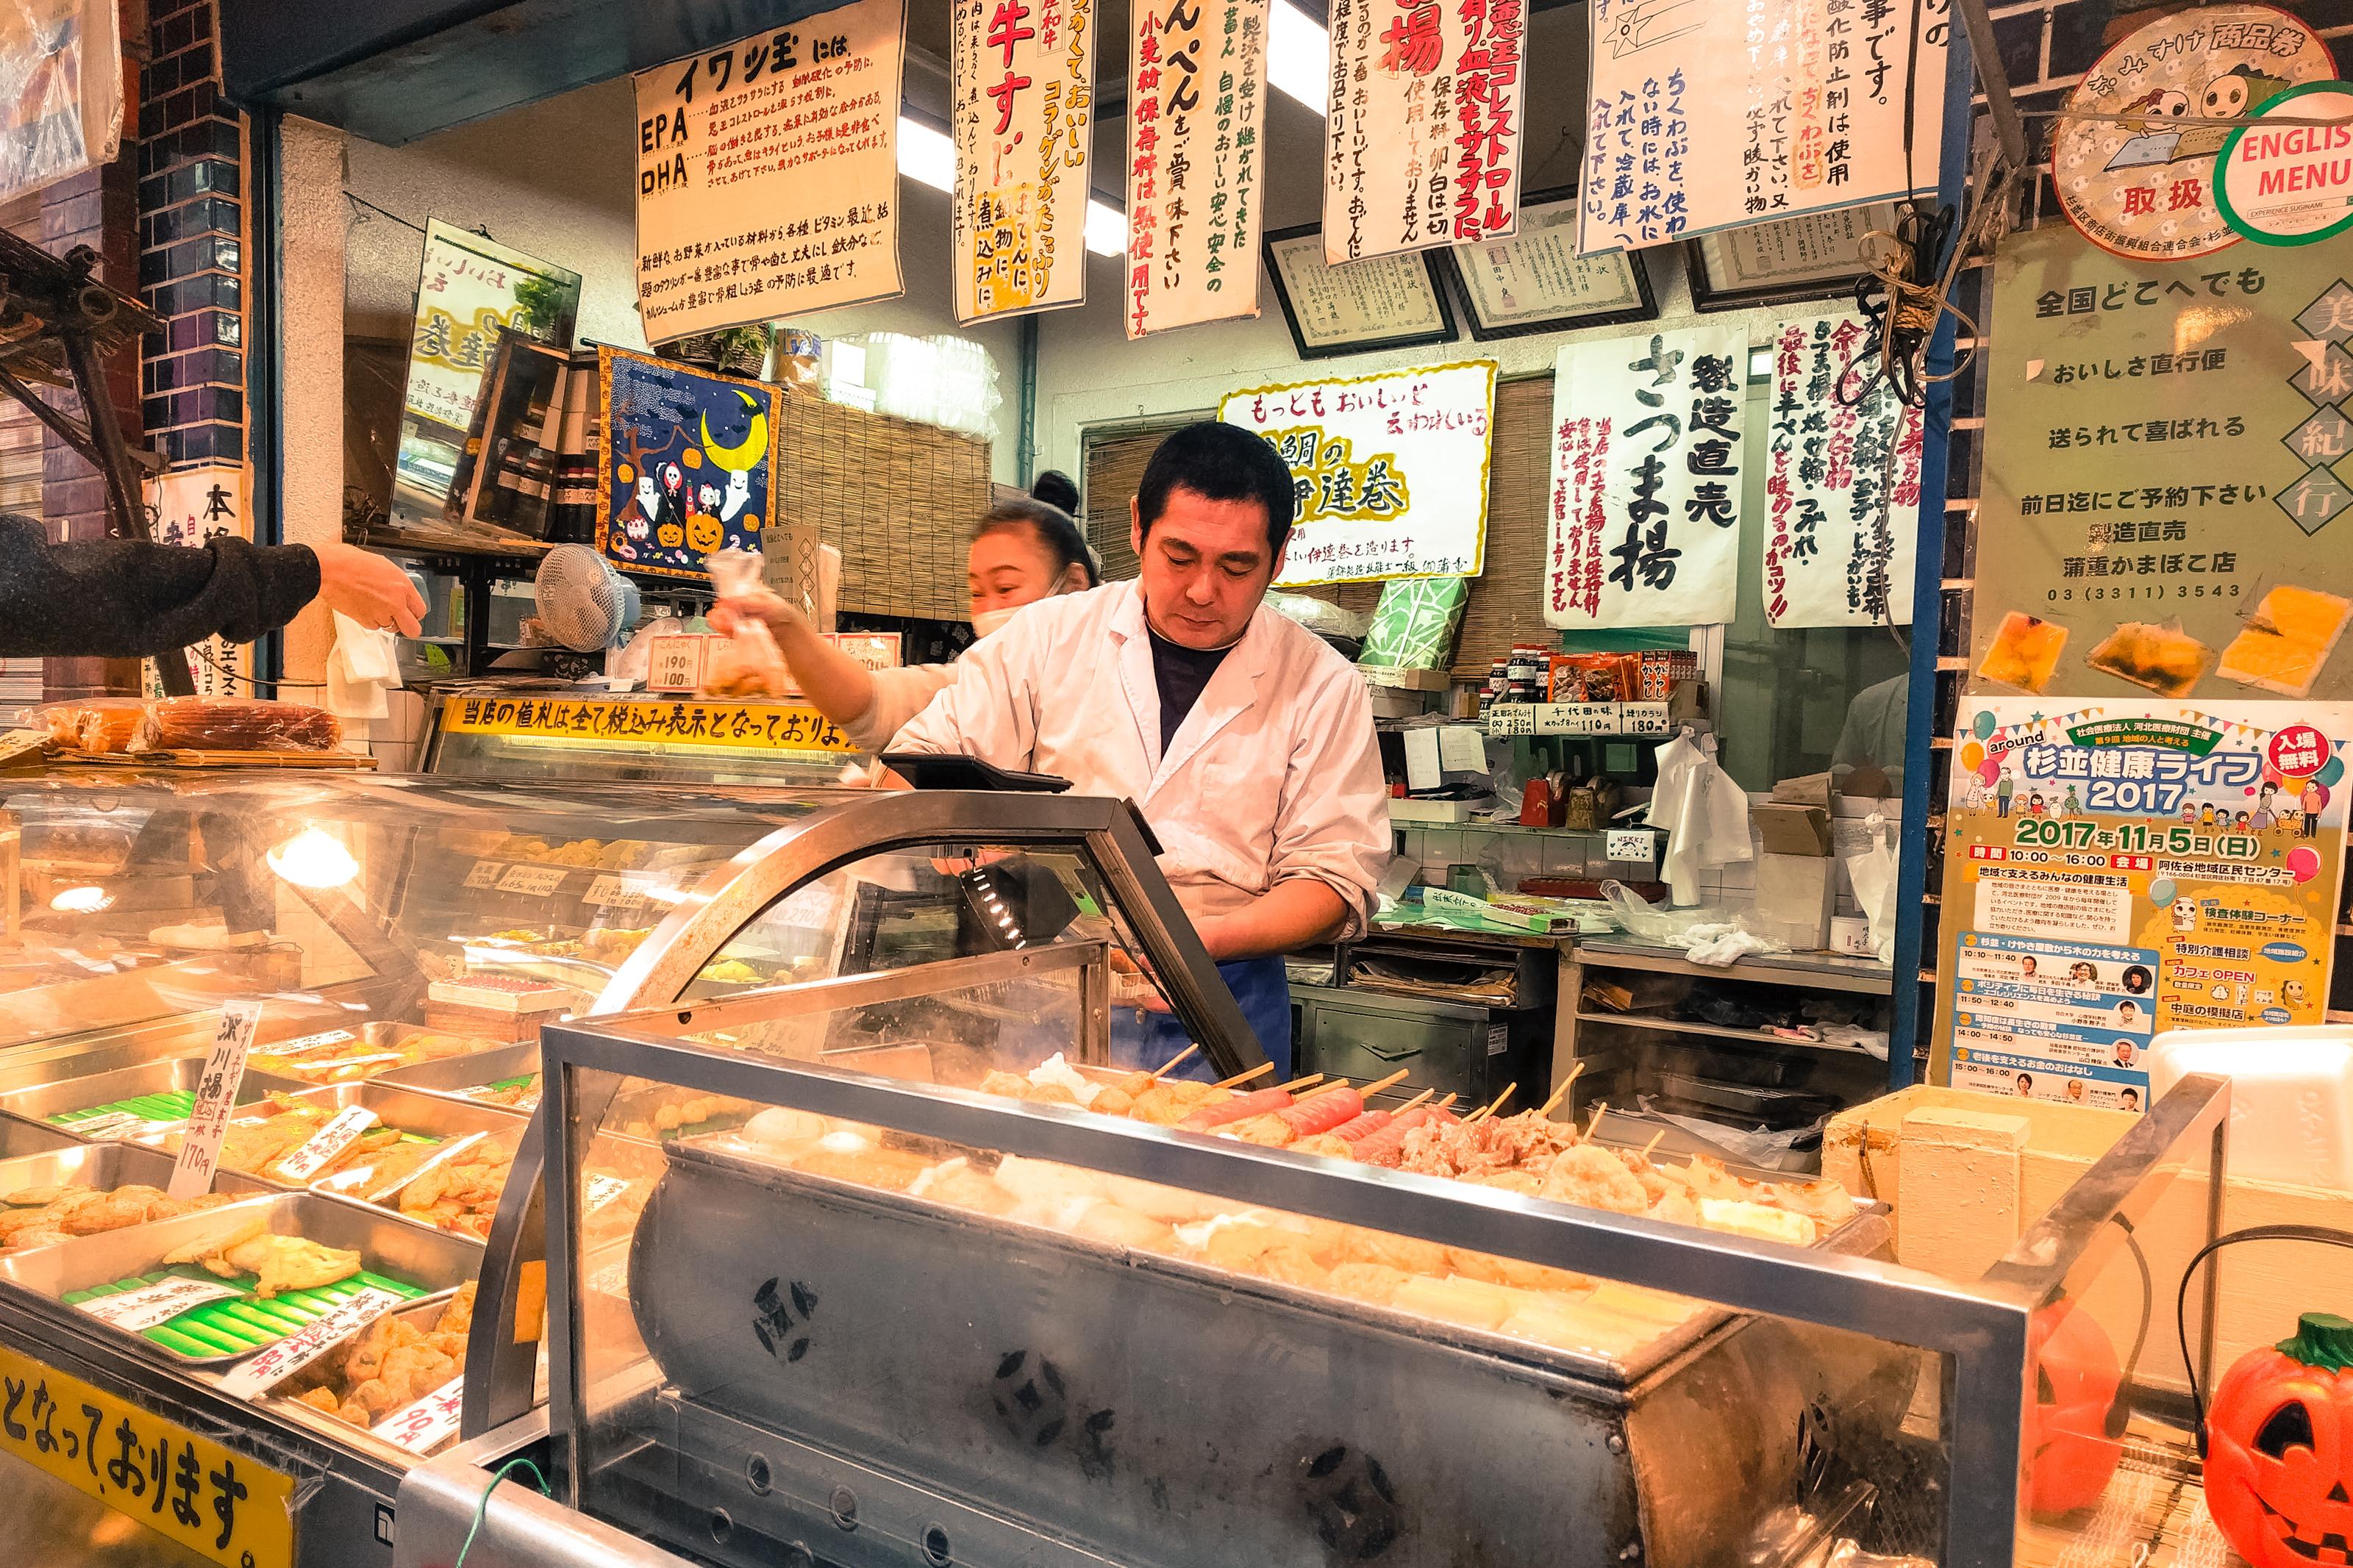 Local Tokyo Food Tour